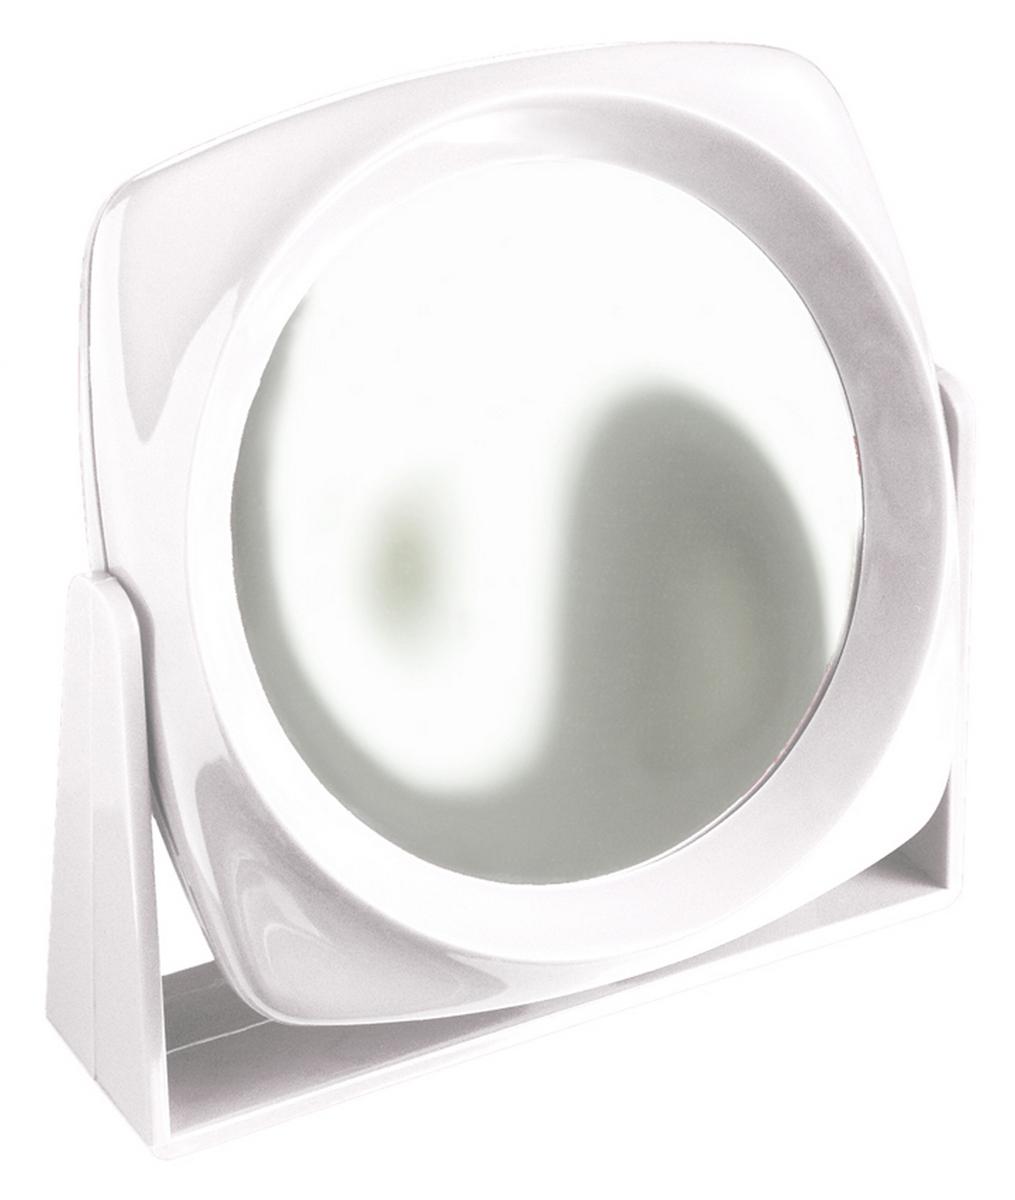 Silva Зеркало настольное, круглое, цвет: белыйSZ 583Зеркало двухсторонее, с трехкратным увелечением.